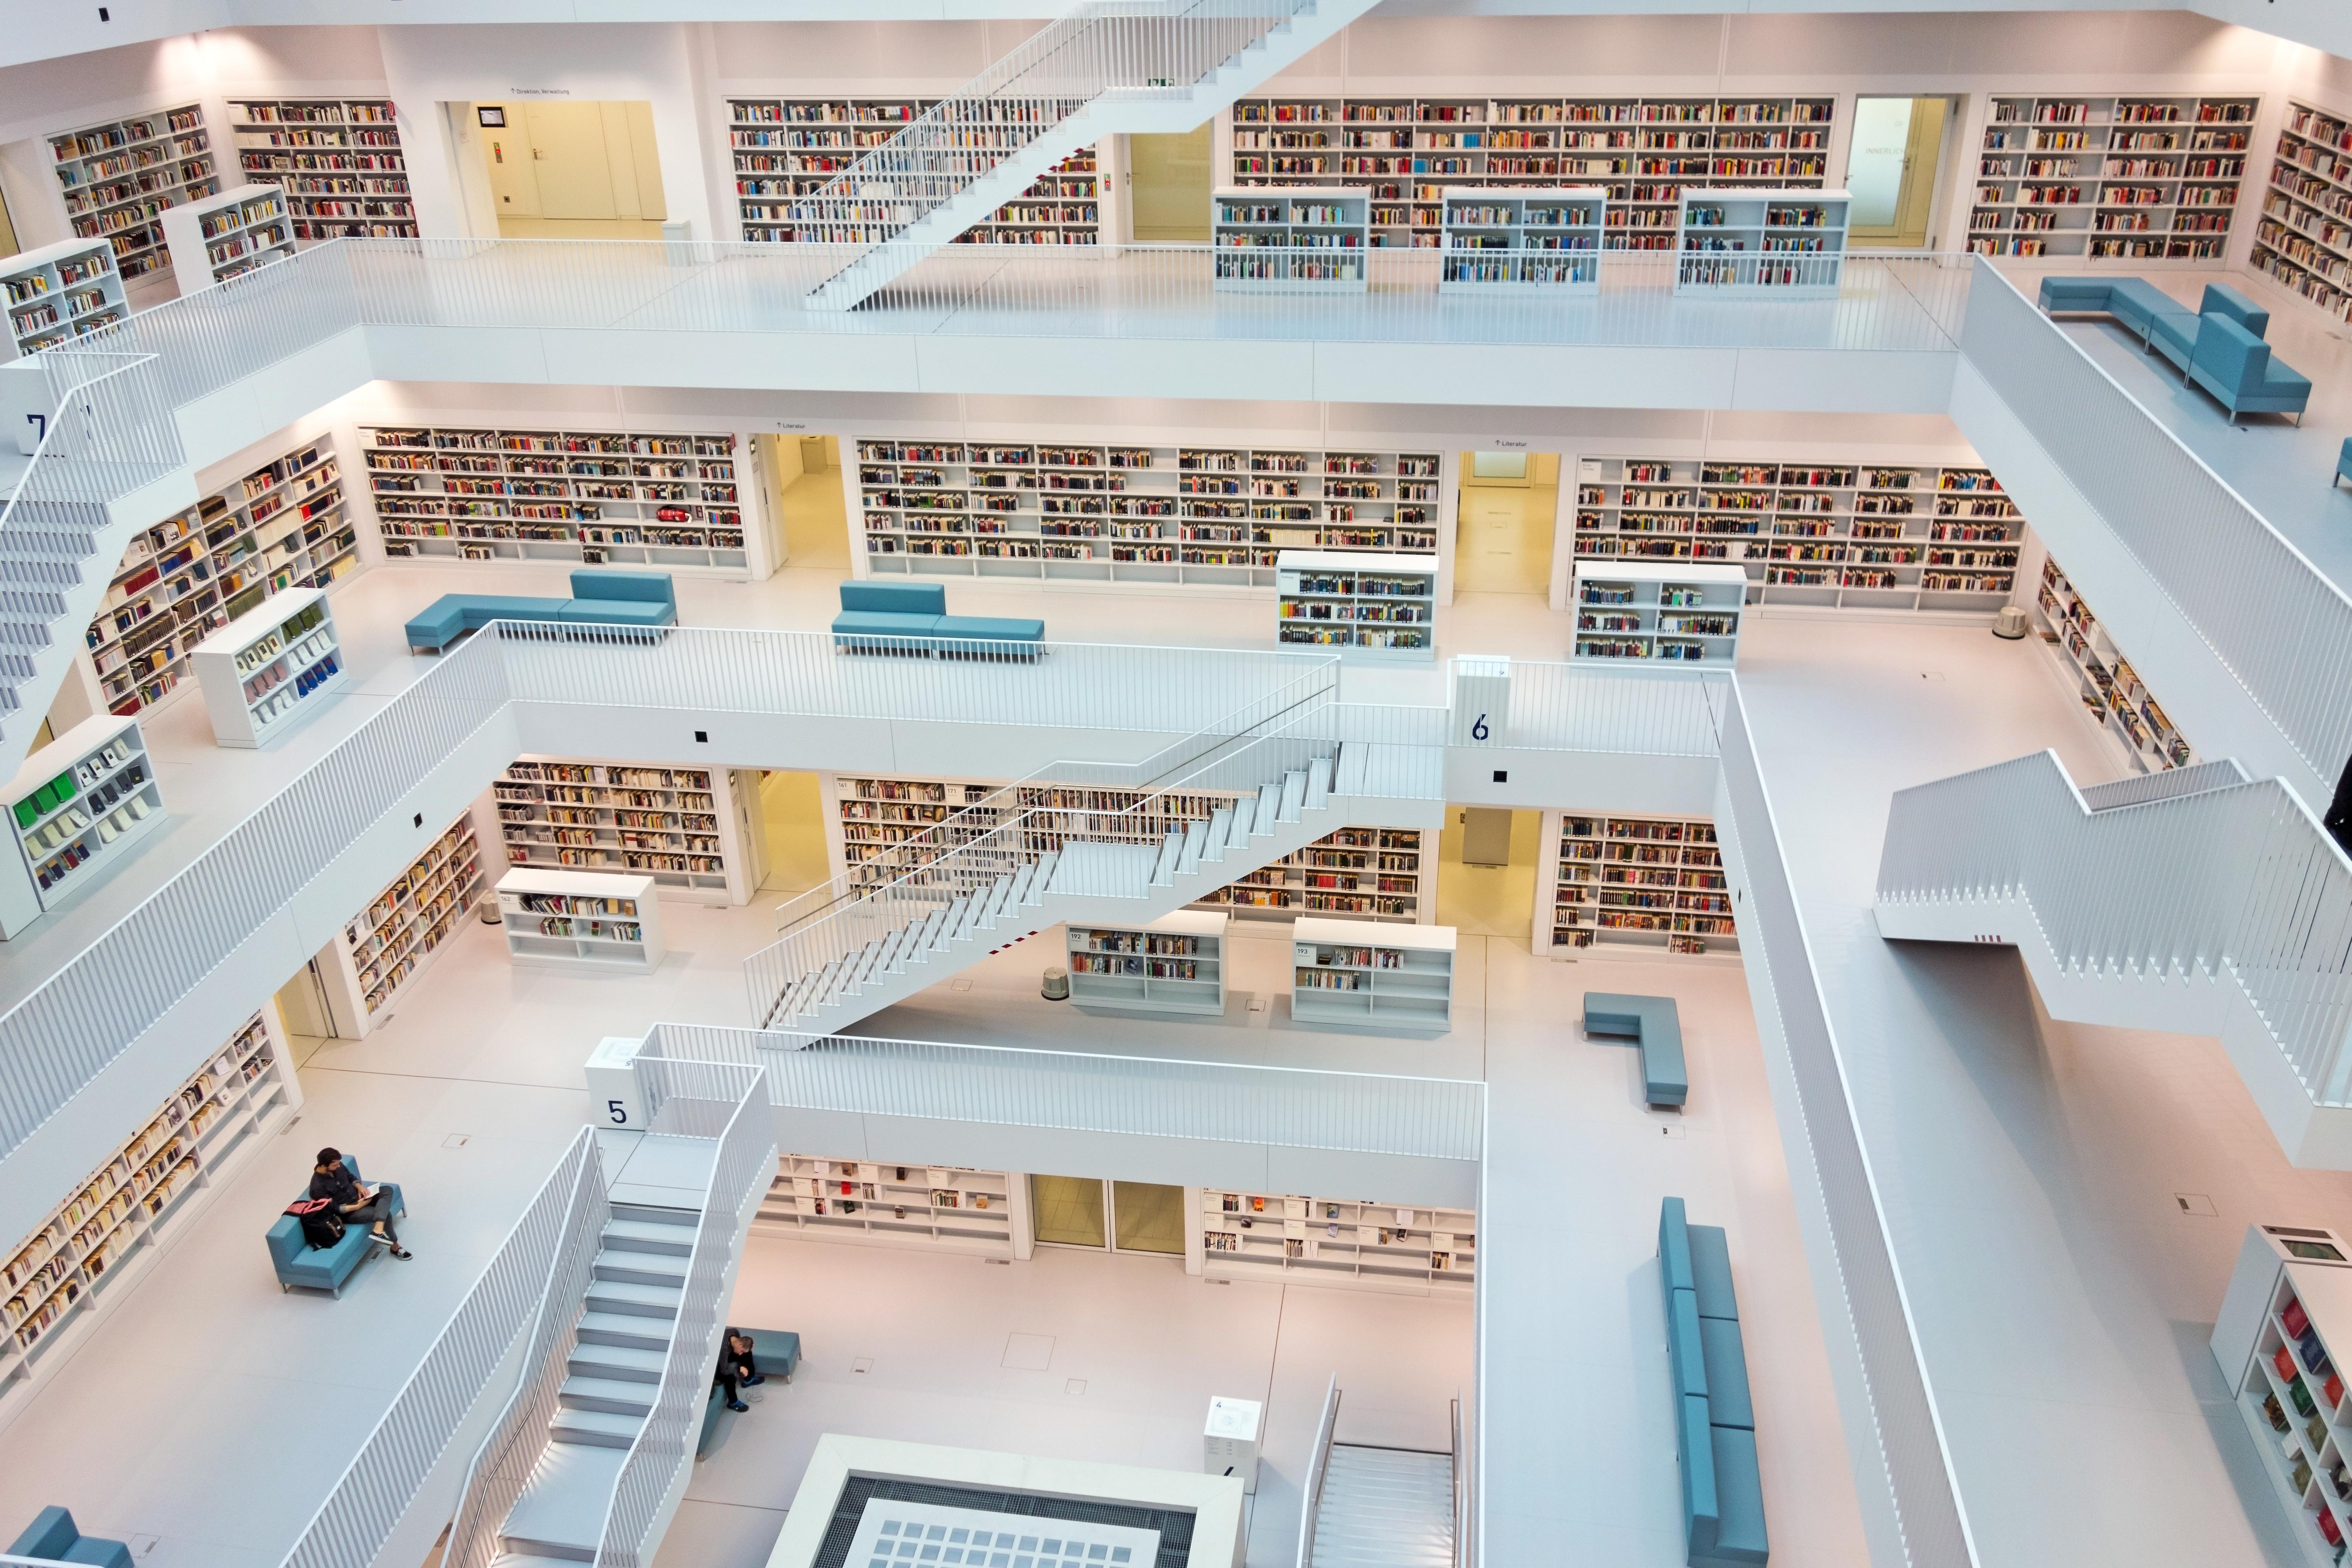 stuttgart-city-library-2